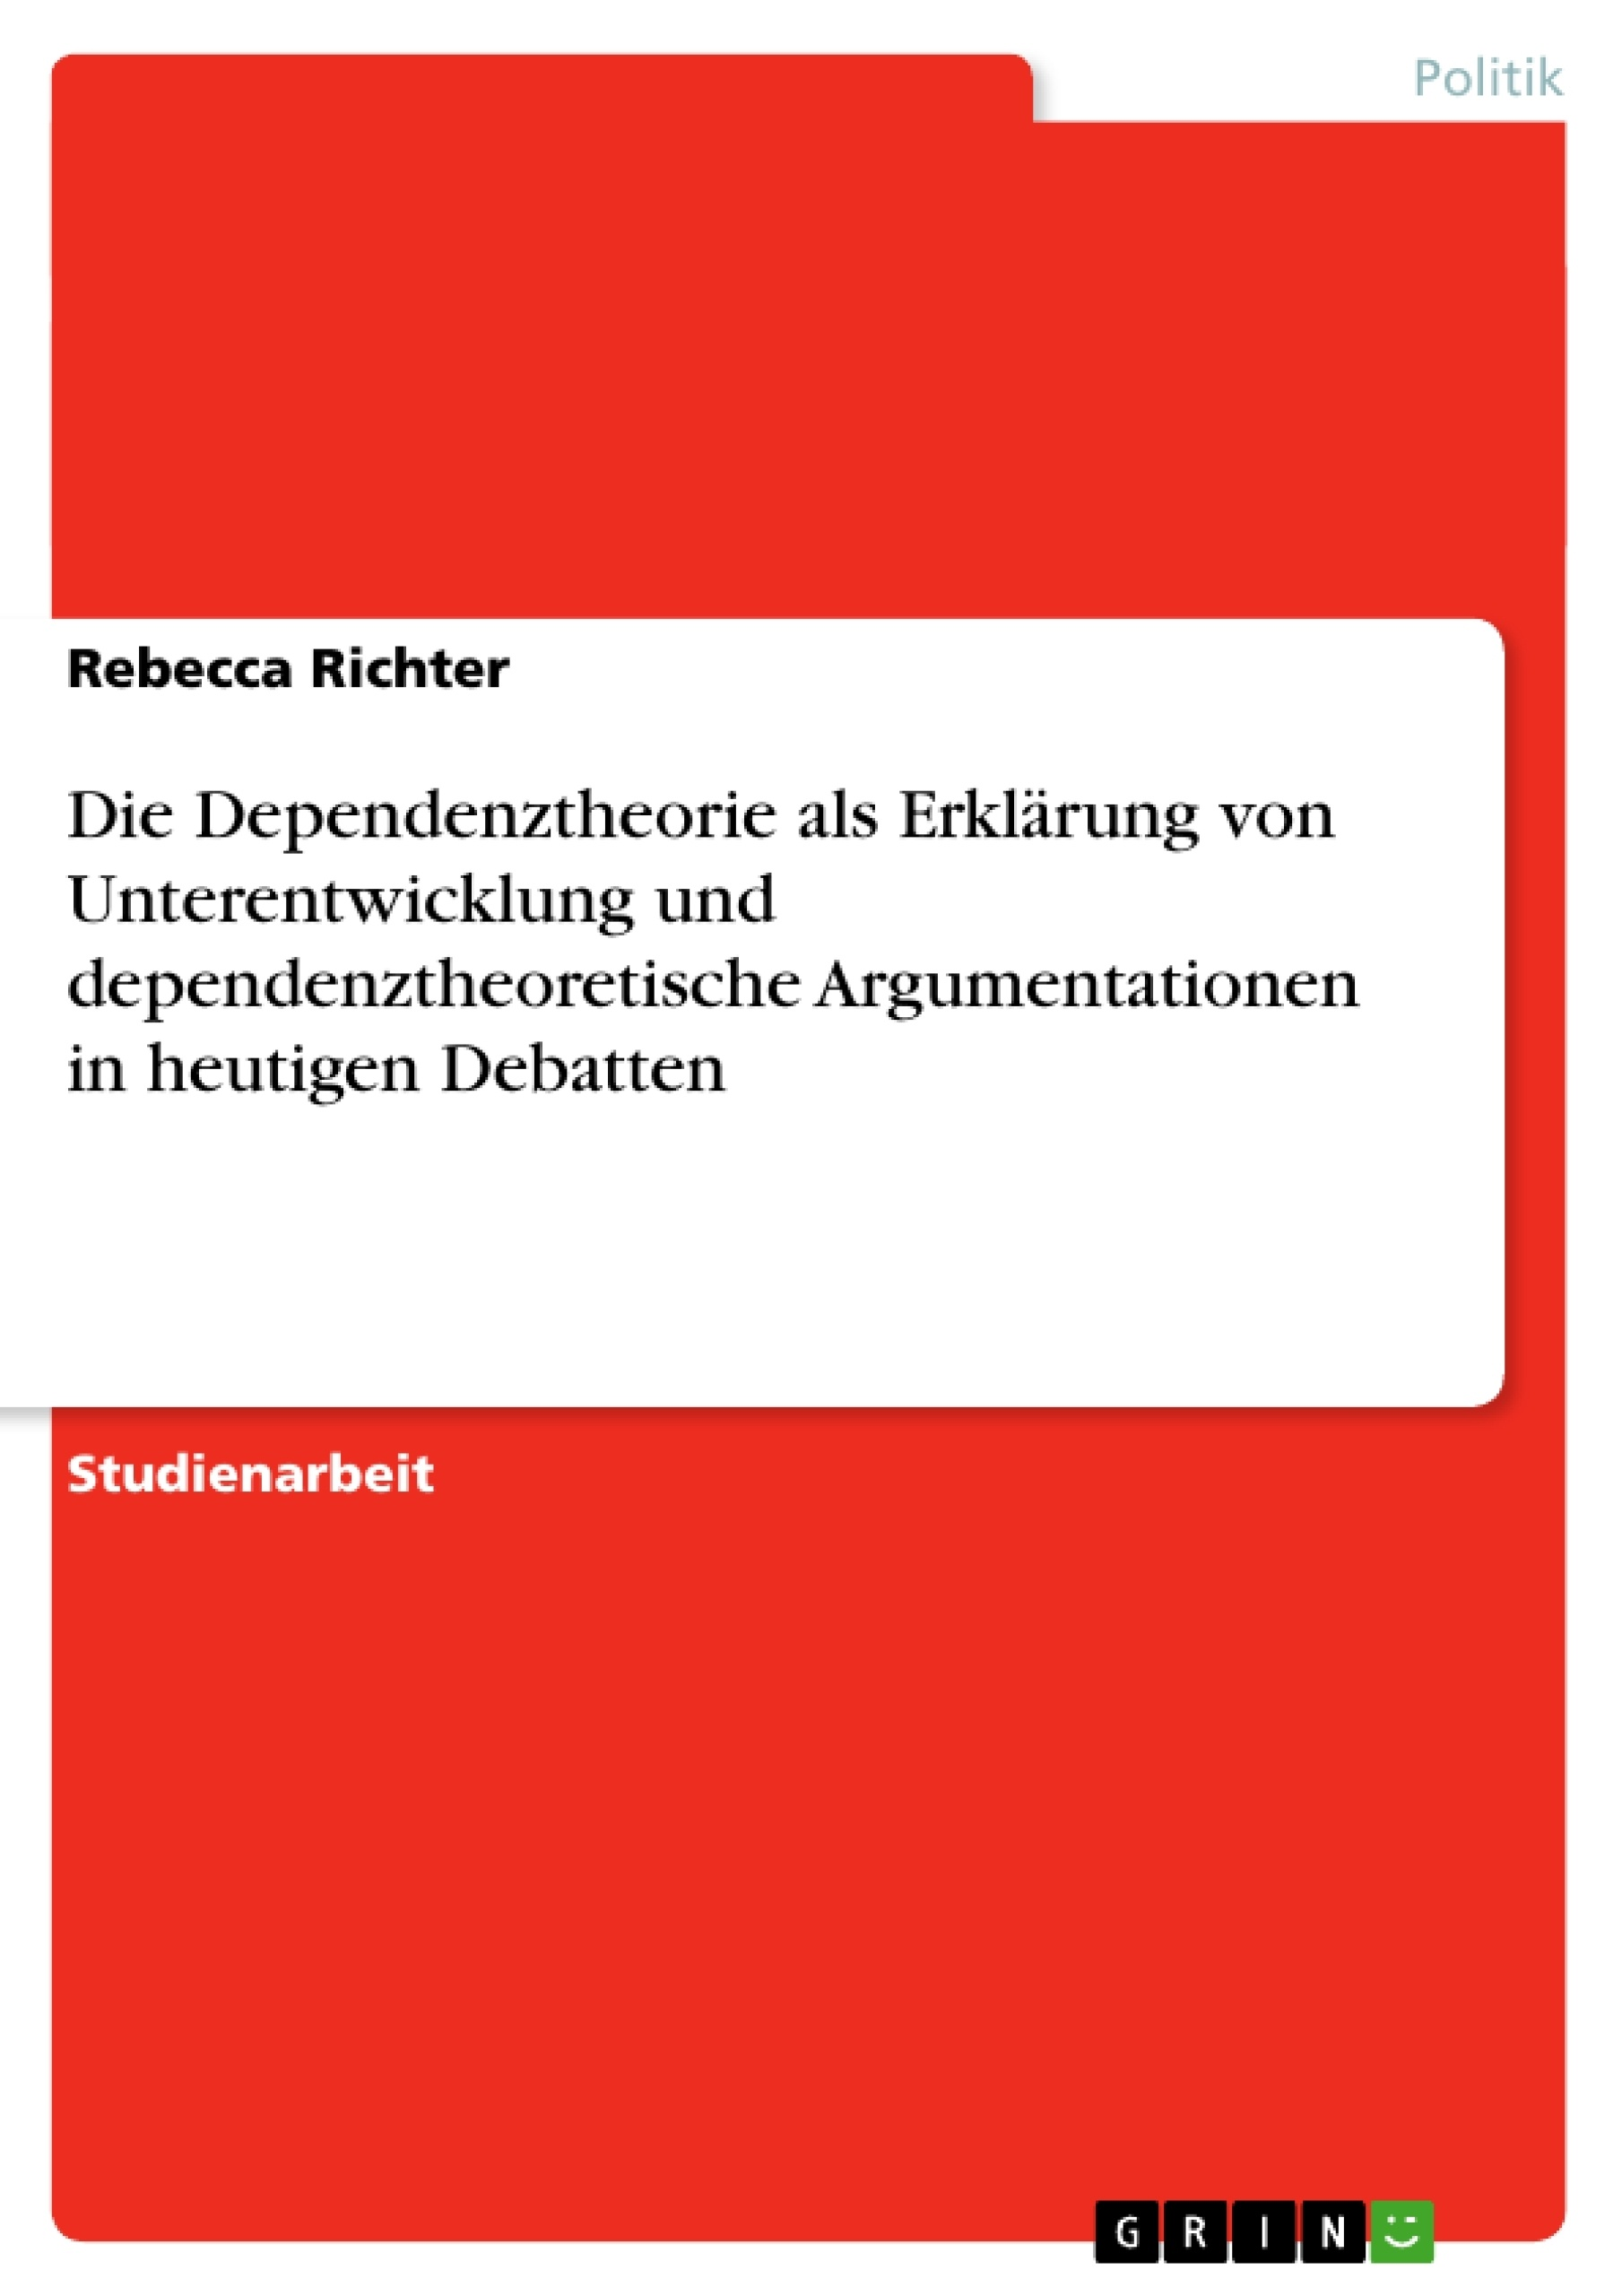 Titel: Die Dependenztheorie als Erklärung von Unterentwicklung und dependenztheoretische Argumentationen in heutigen Debatten